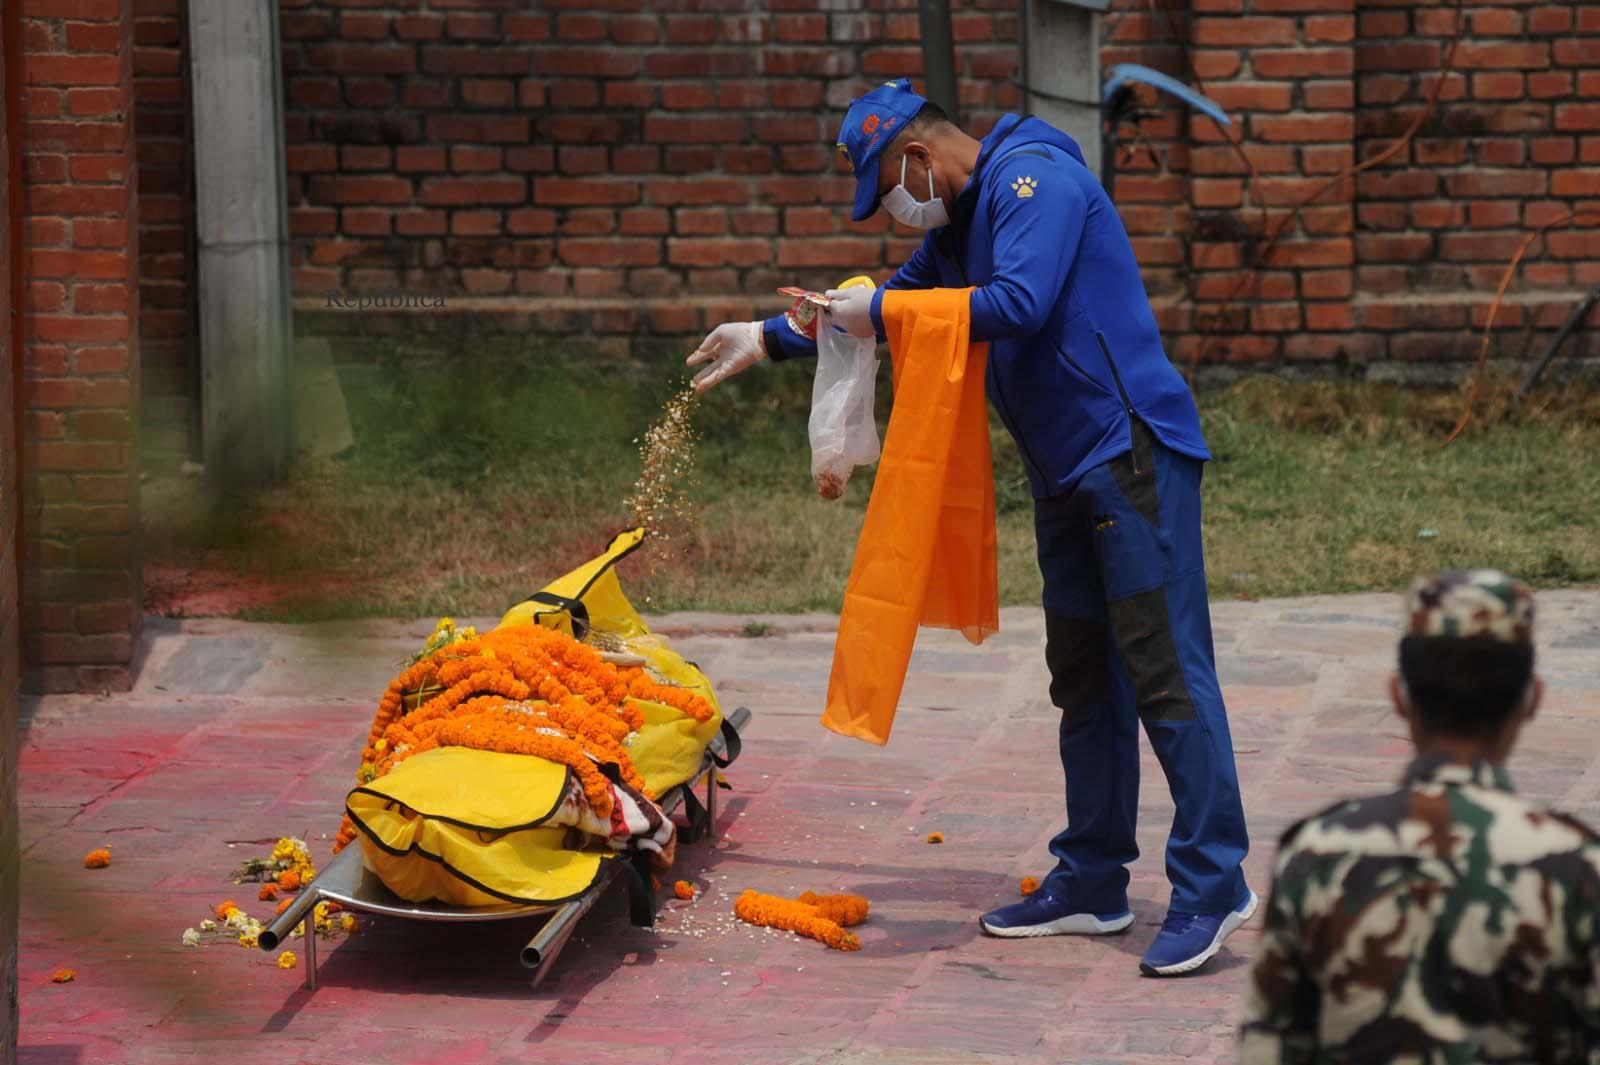 Thảm cảnh Covid-19 tại Nepal ngay lúc này: Lò hỏa thiêu nghi ngút khói đen nhả suốt ngày đêm, thân nhân uất nghẹn khóc ngất tiễn biệt người chết qua cánh cổng sắt - Ảnh 14.